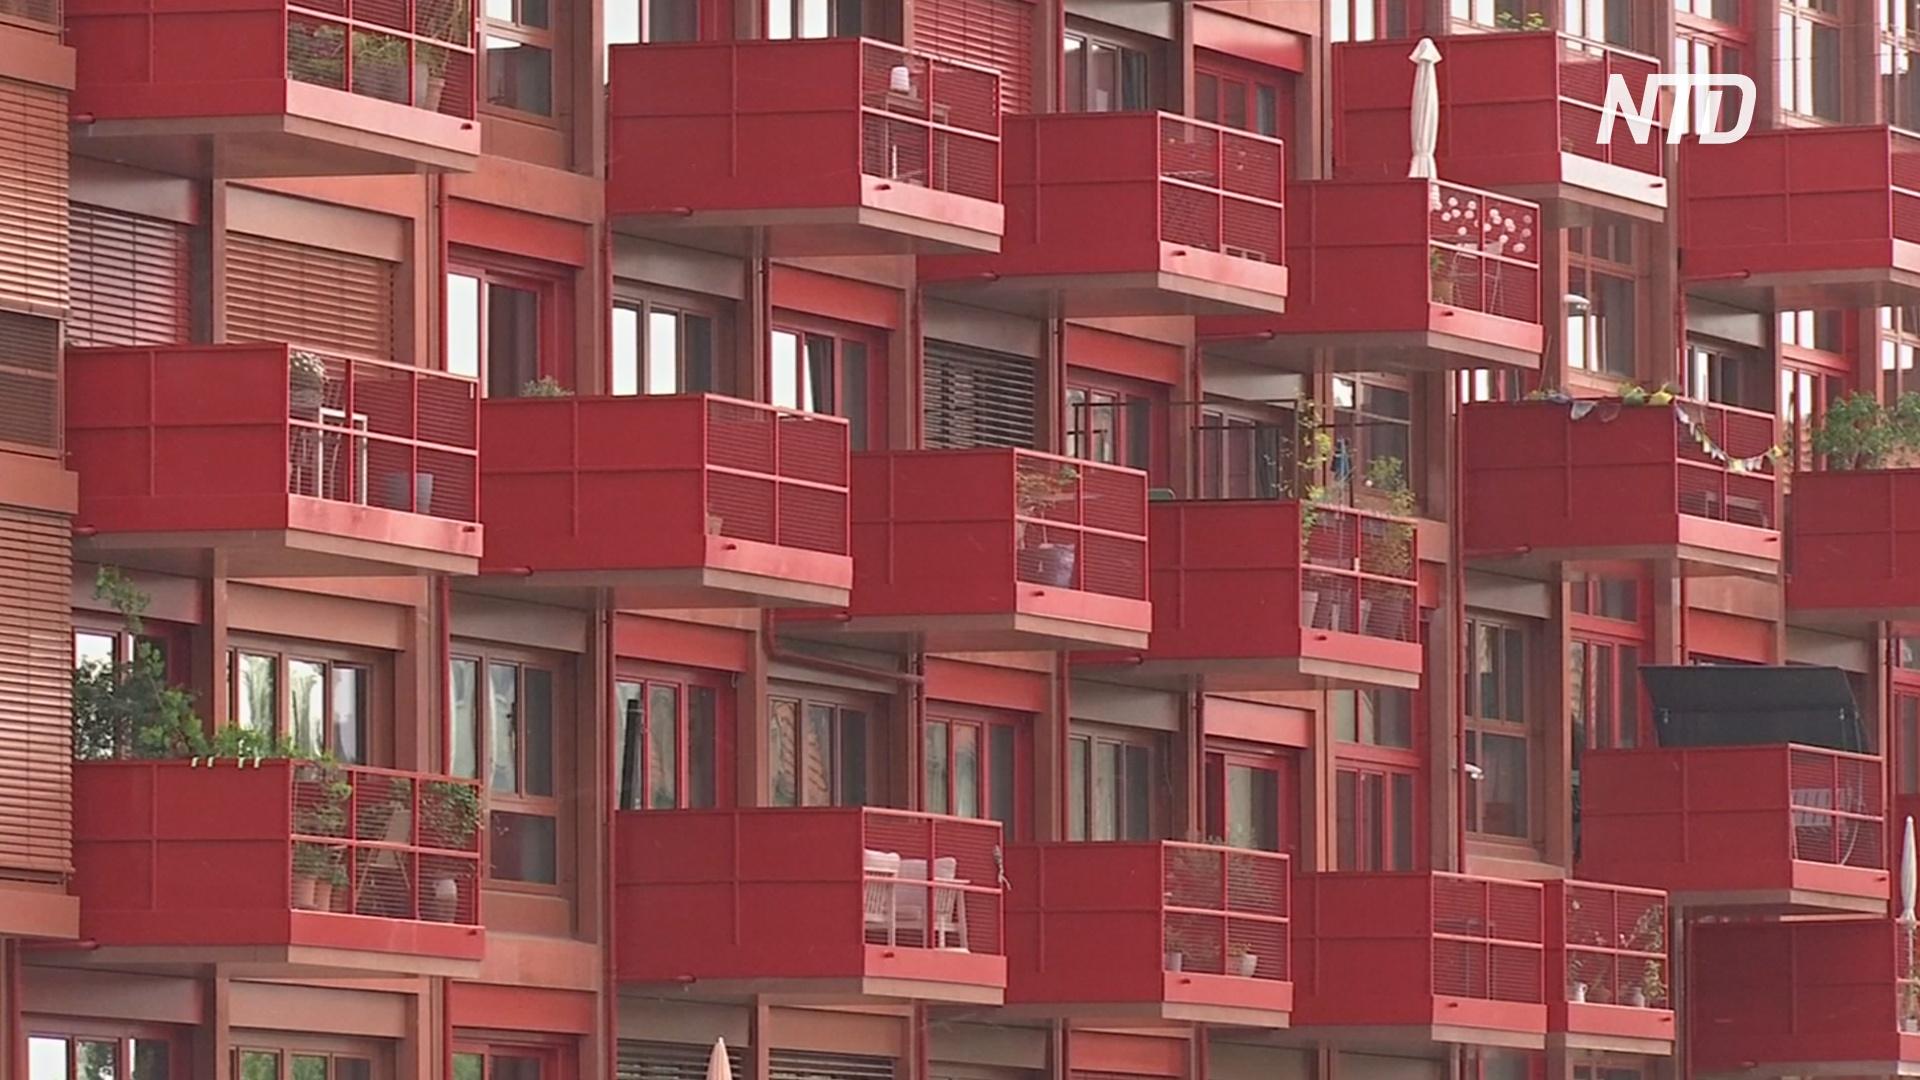 В Берлине хотят на пять лет заморозить рост арендной платы за жильё